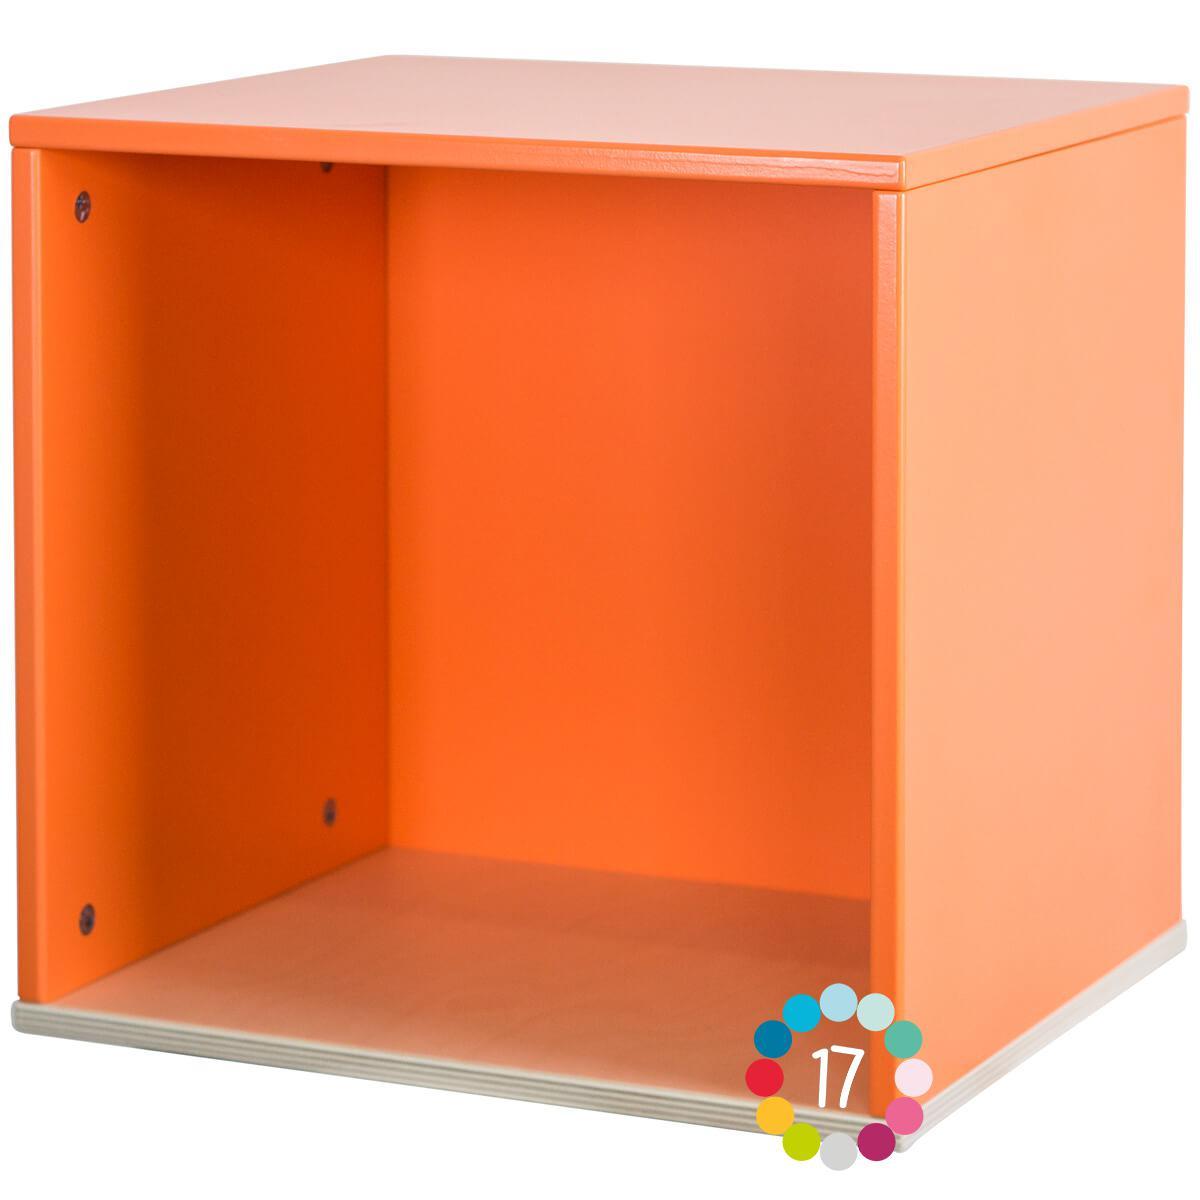 Wandregale COLORFLEX pure orange